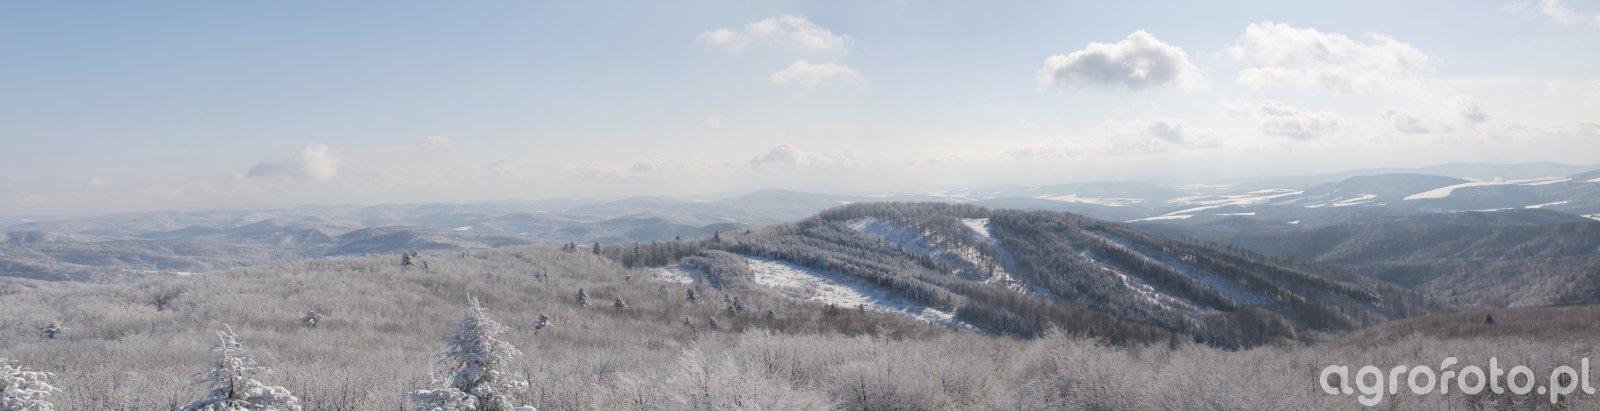 Krajobraz Słowacji